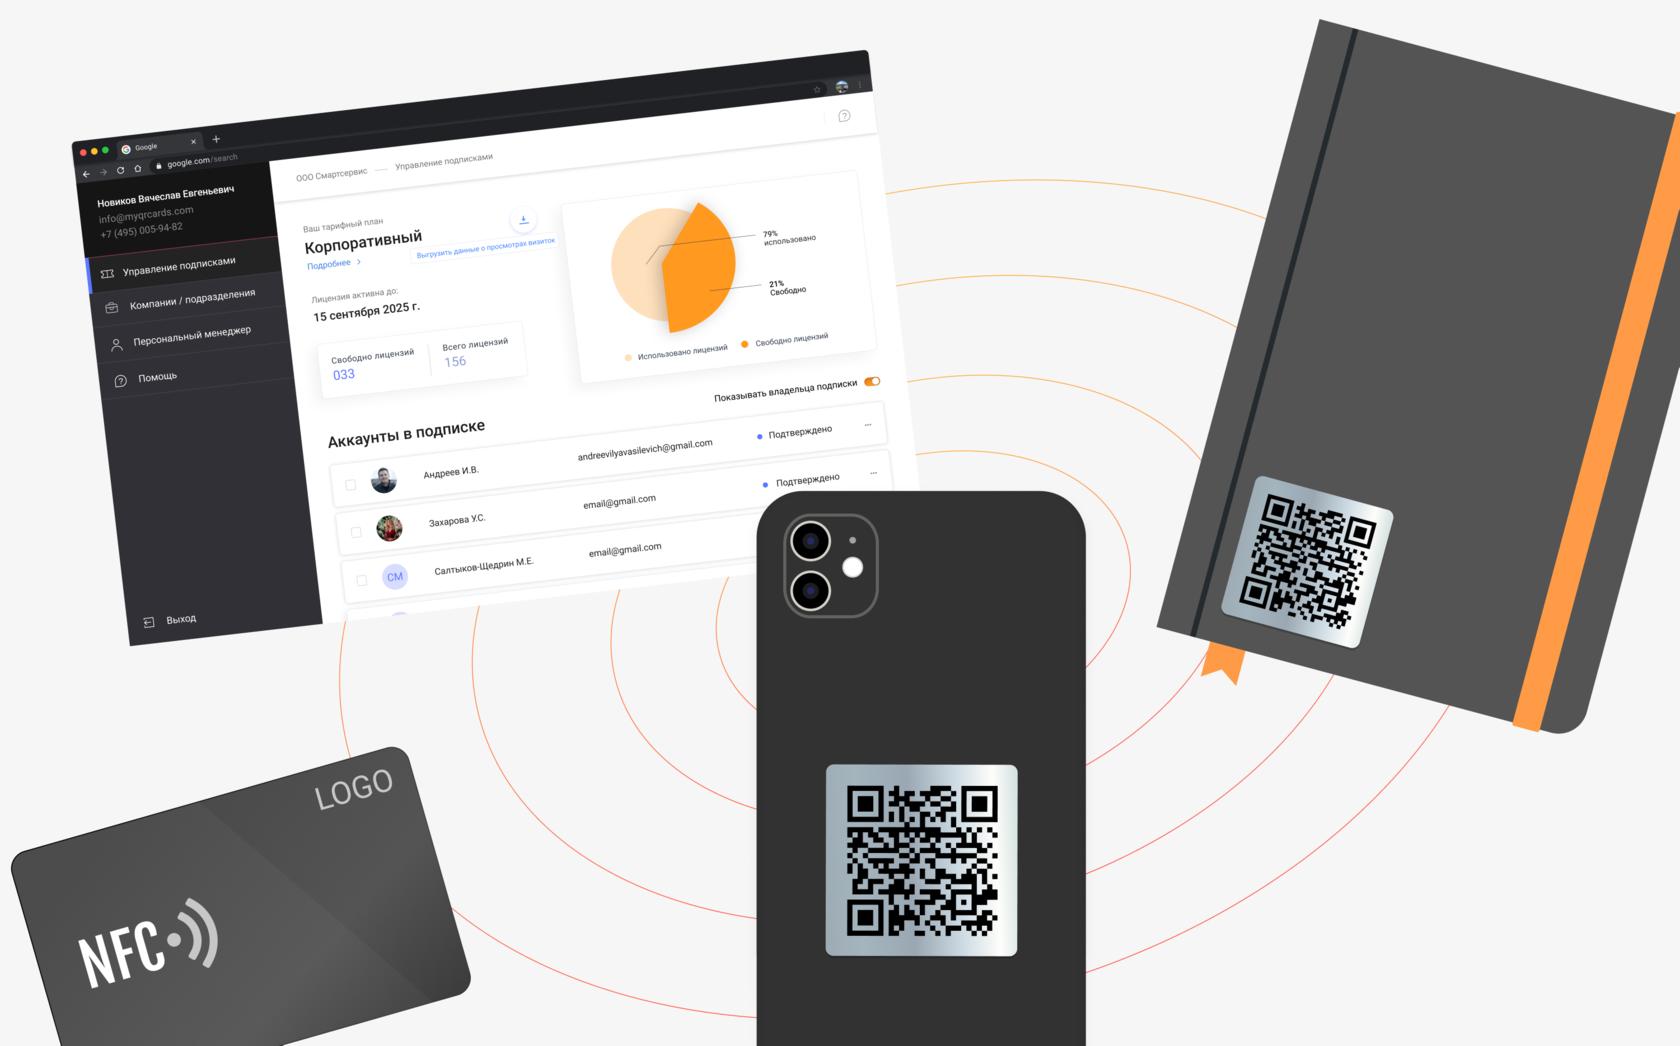 Варианты исполнения QR-стикера и NFC-карты